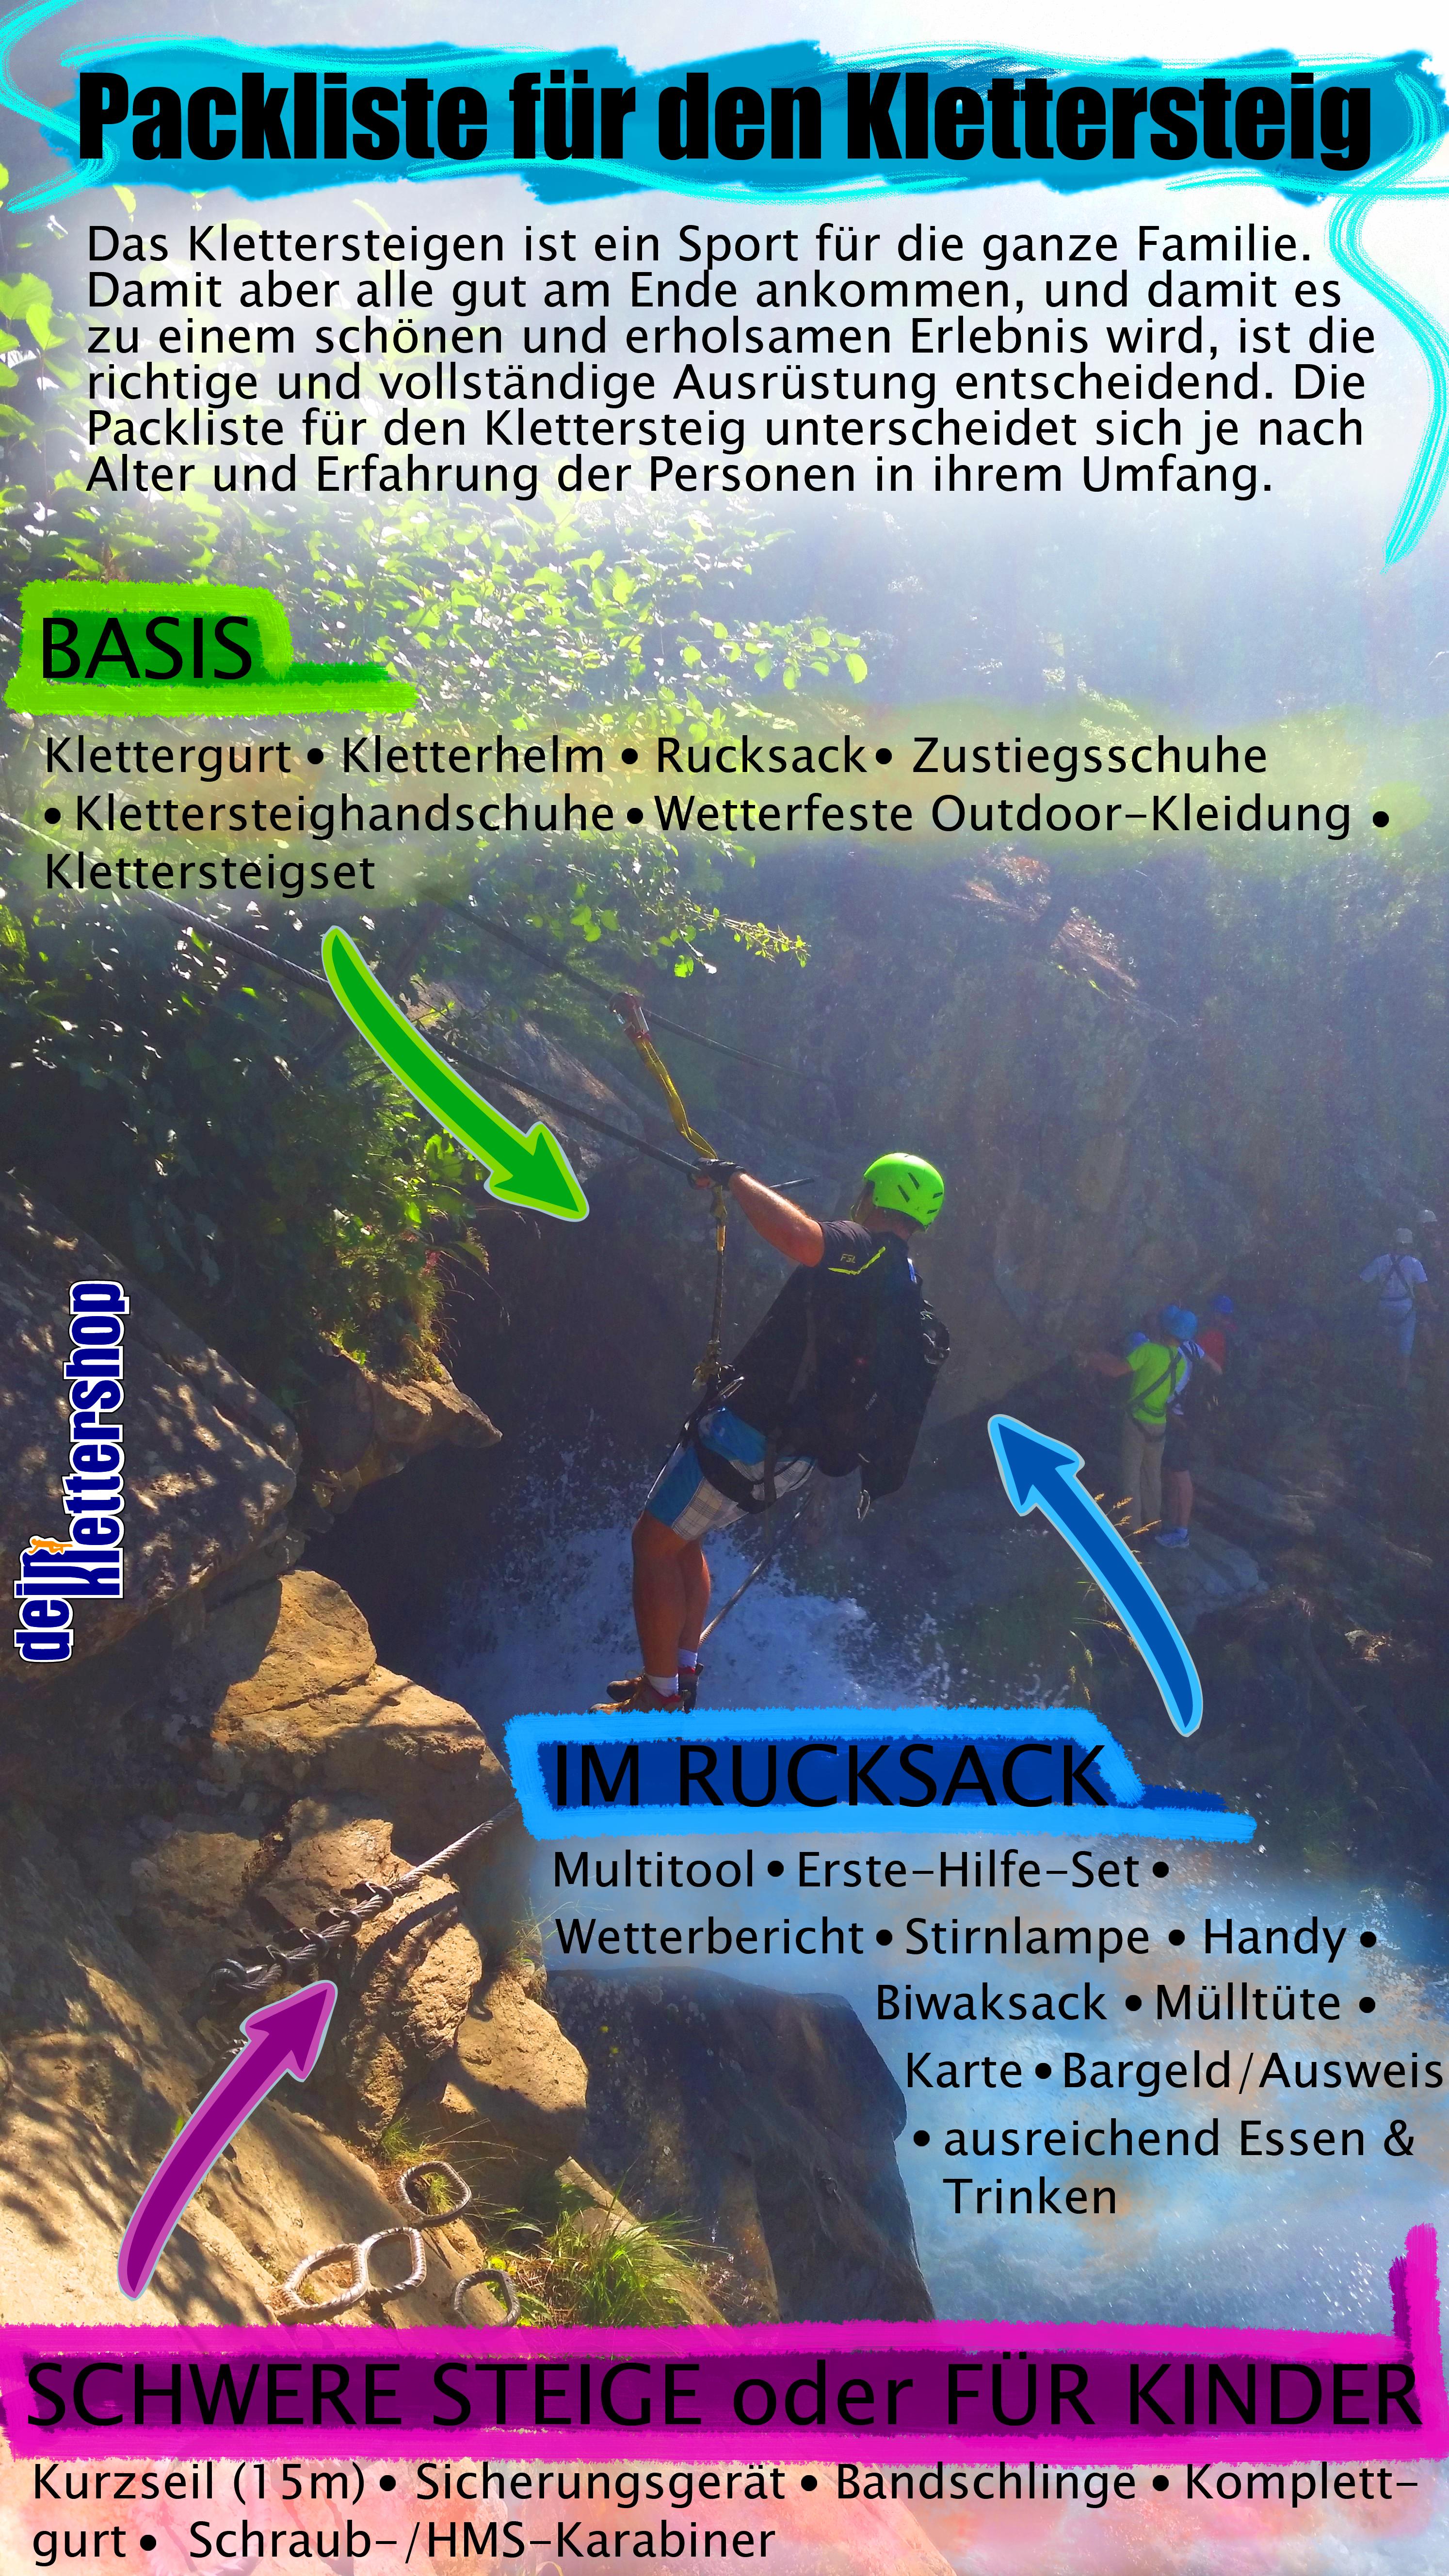 Packliste Klettersteig Dein-Klettershop.de